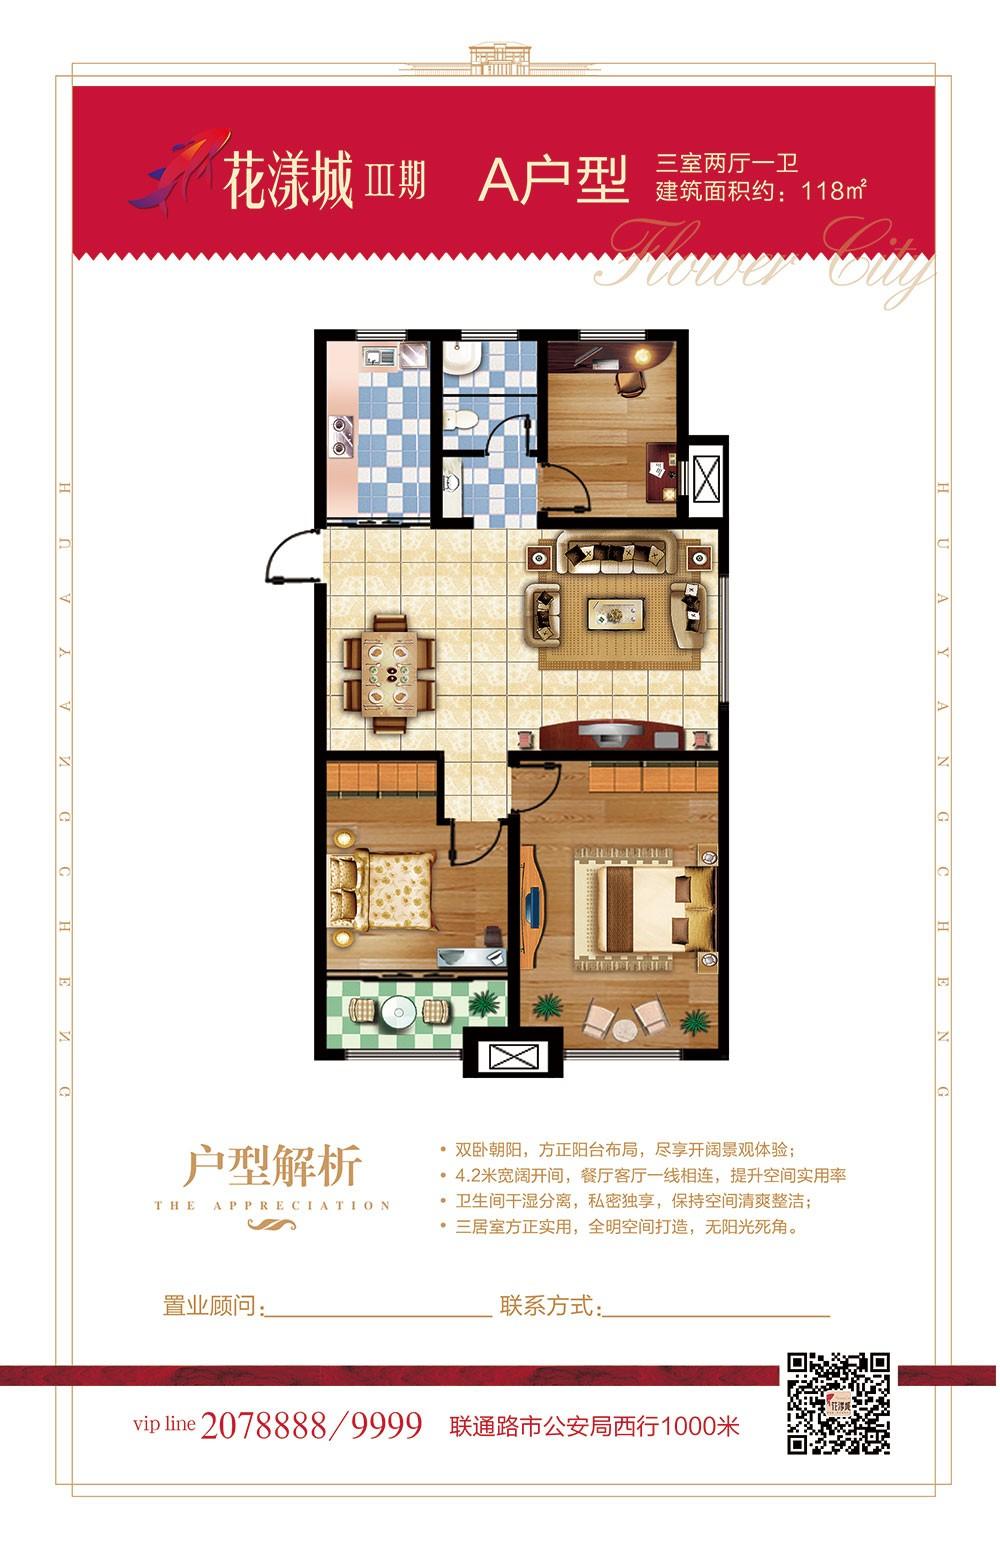 鸿泰·花漾城三期户型图